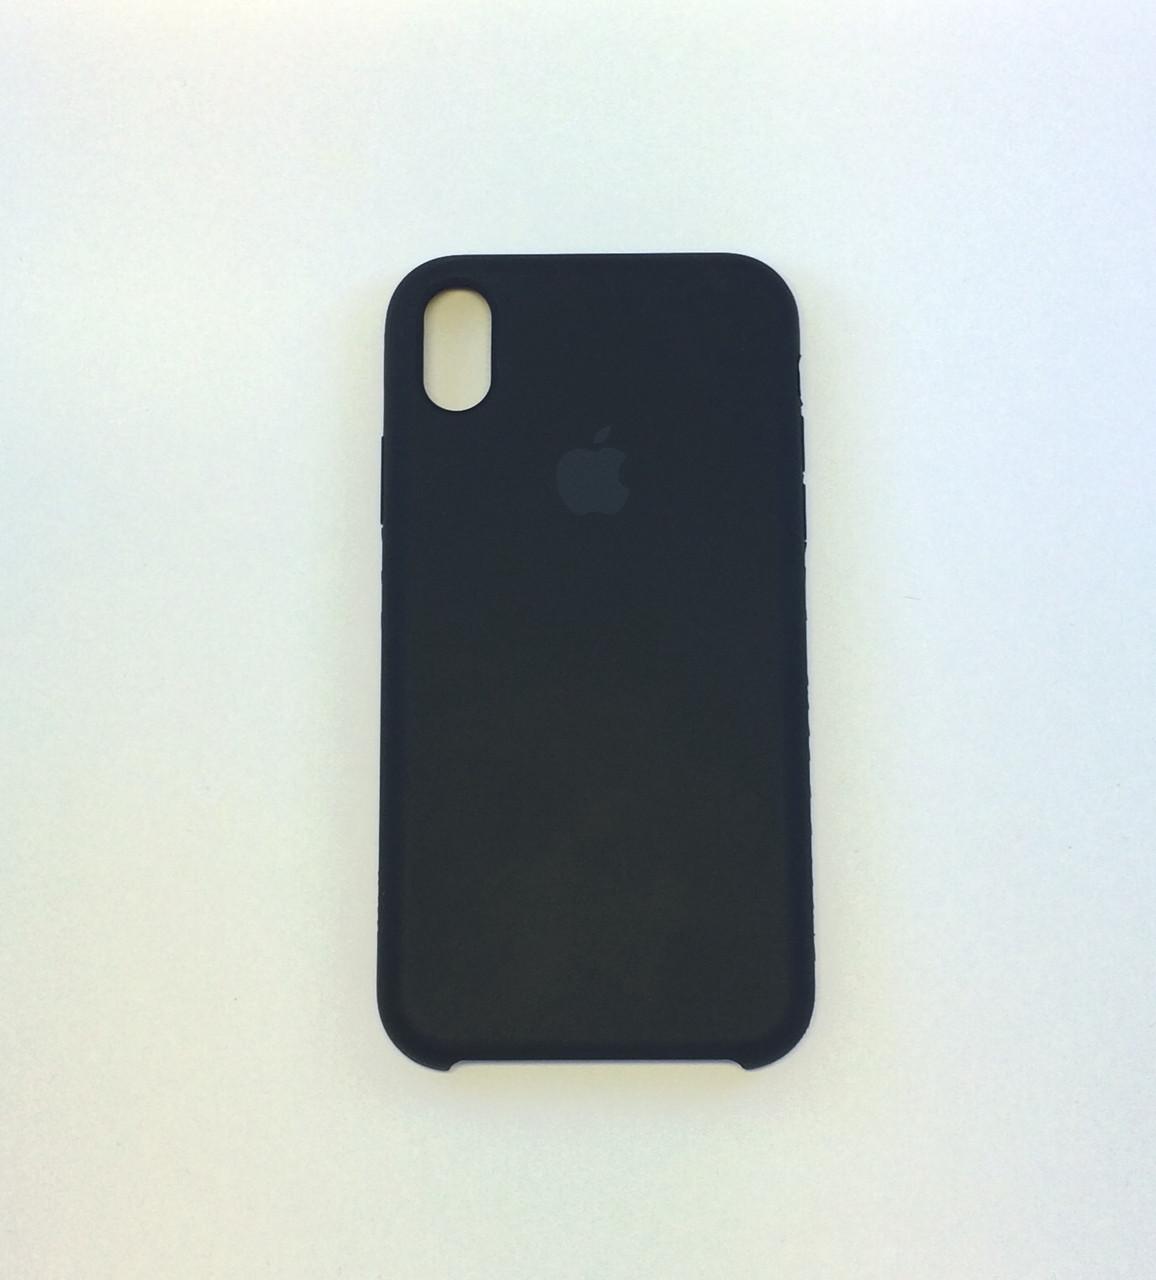 Силиконовый чехол iPhone Xs Max, черный, copy original